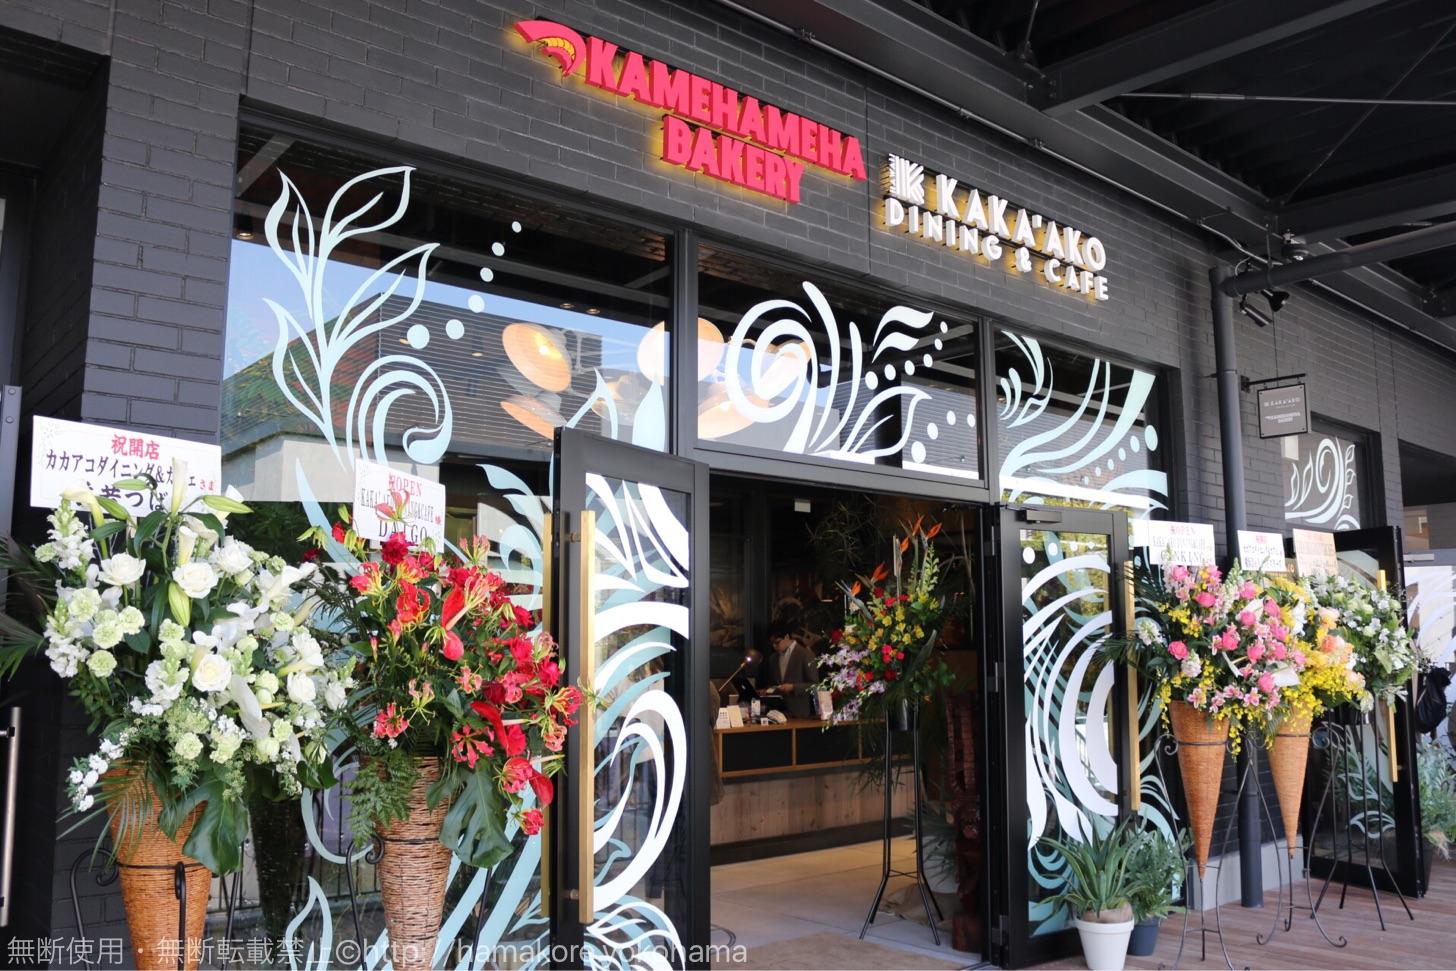 カカアコ DINING & CAFE カメハメハベーカリー